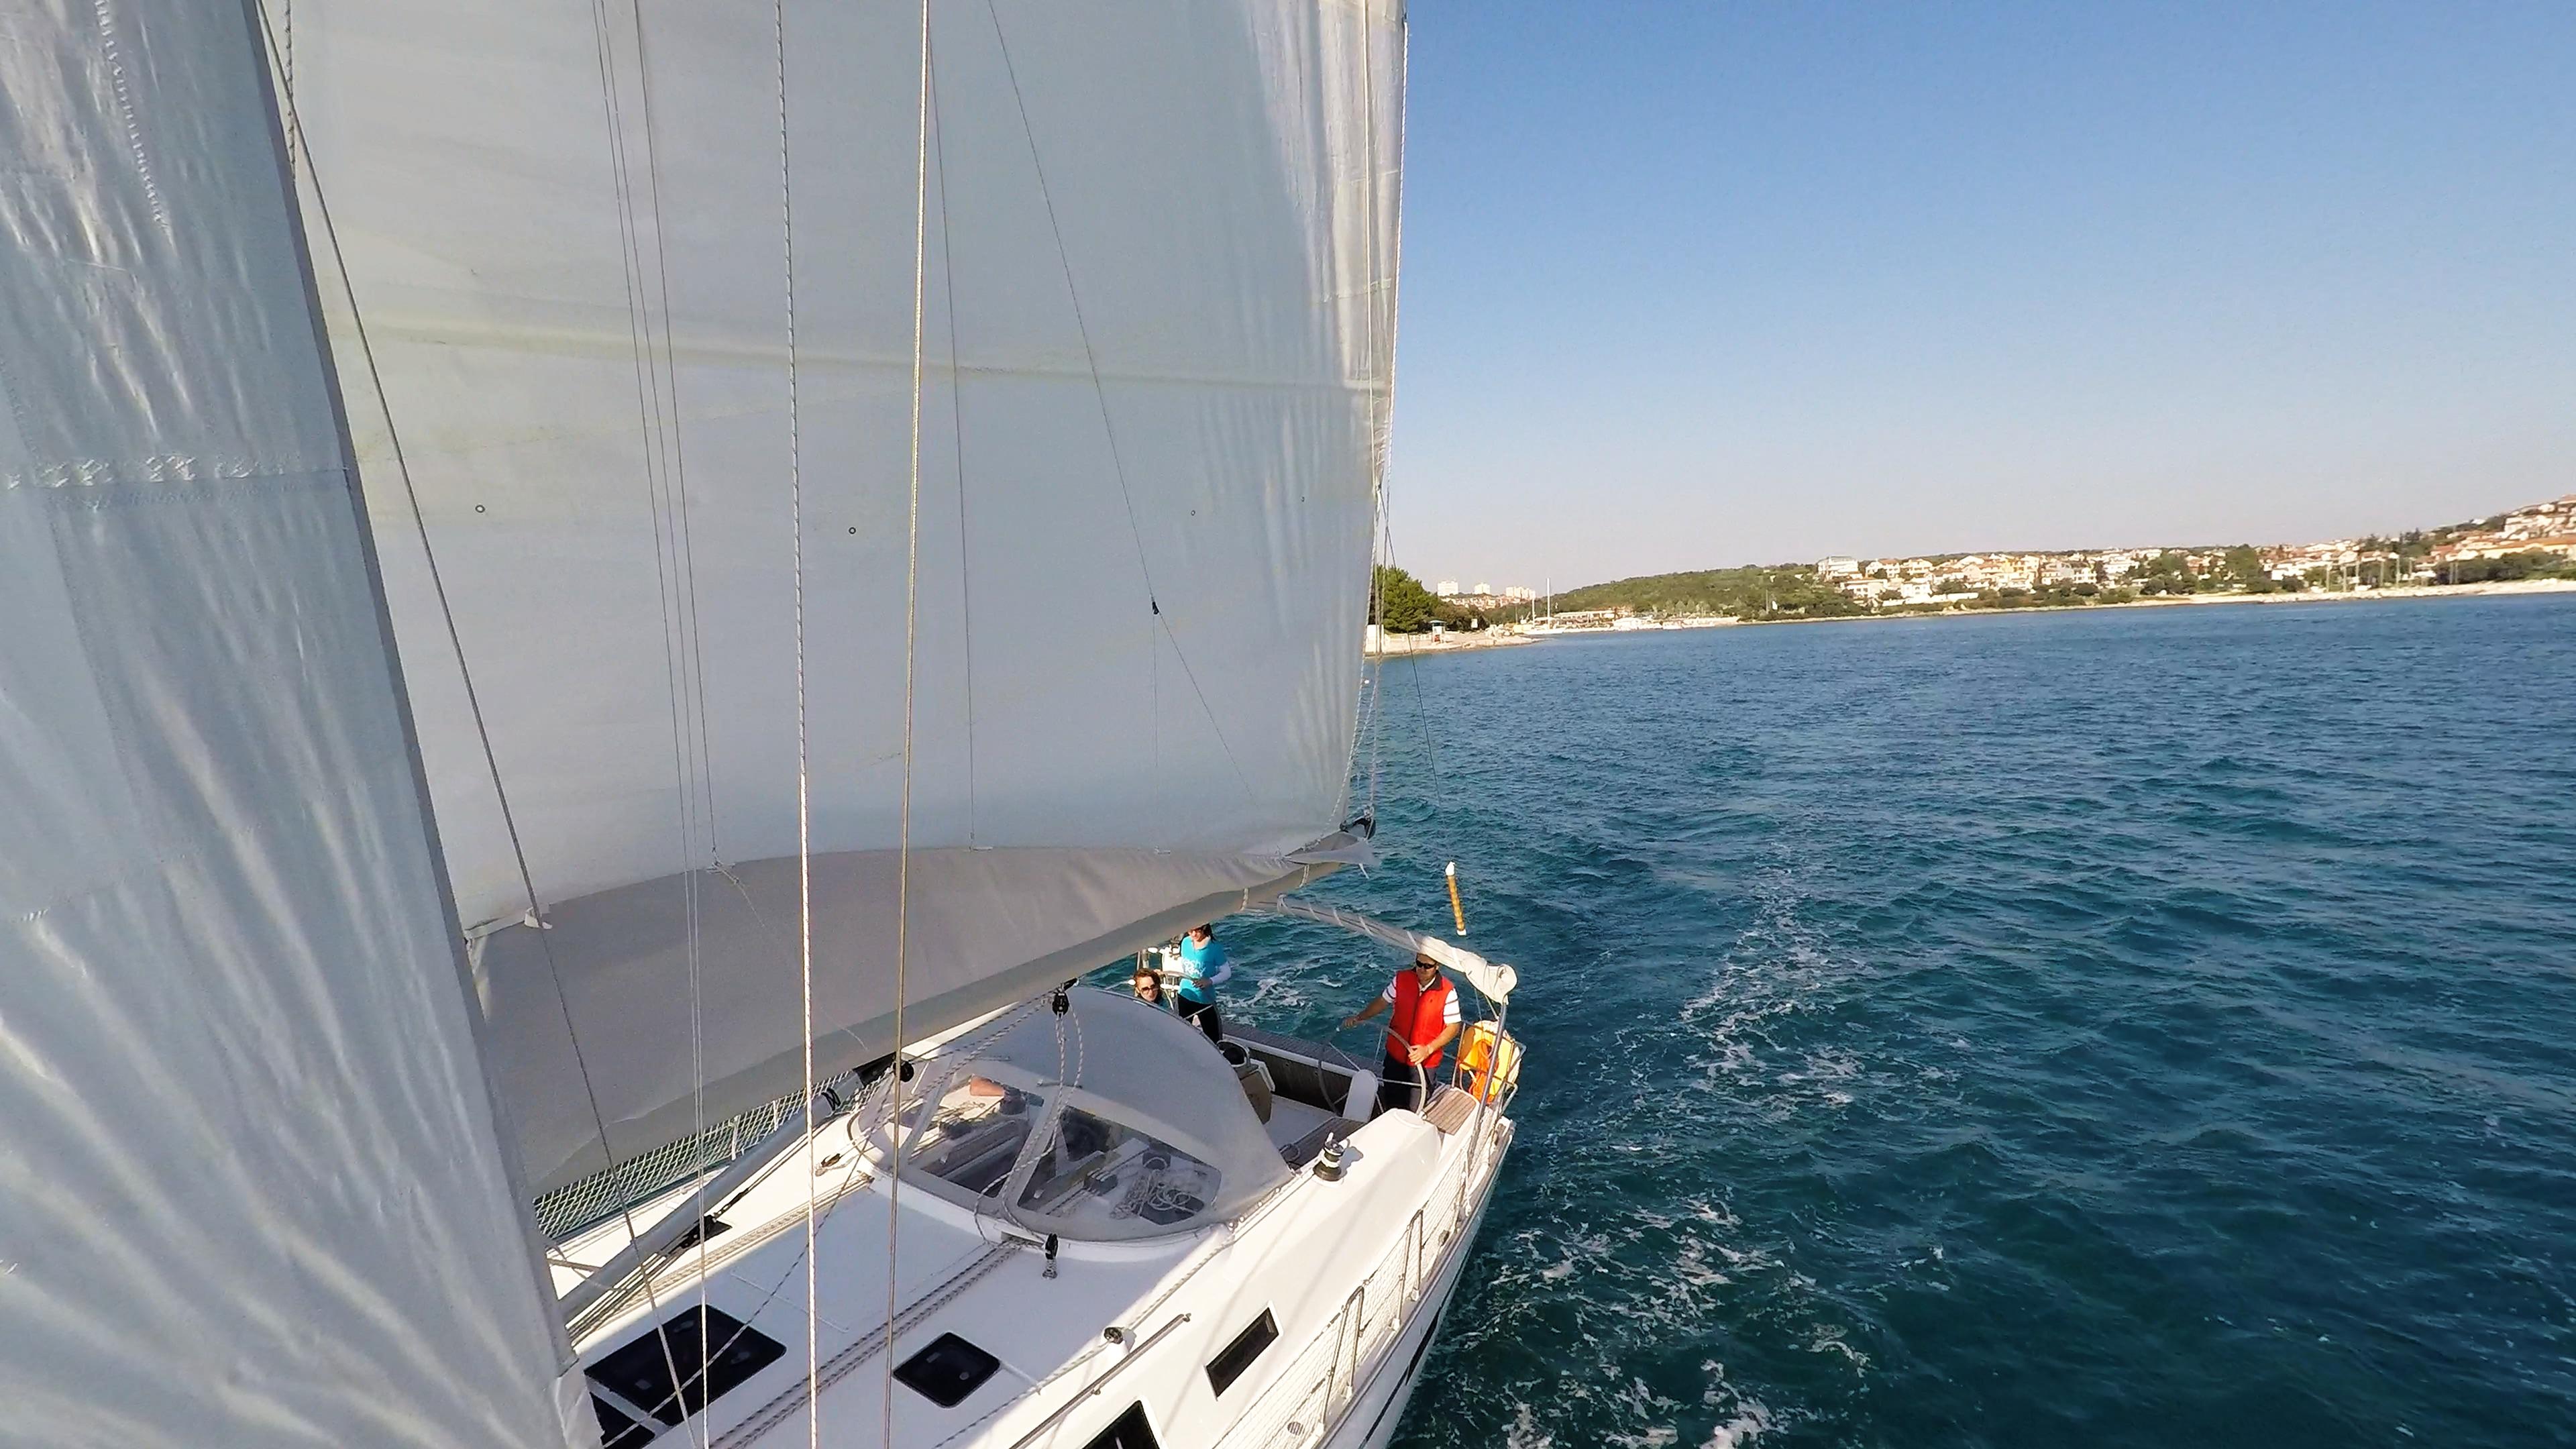 barcha a vela yacht a vela pozzetto skipper timone ruota